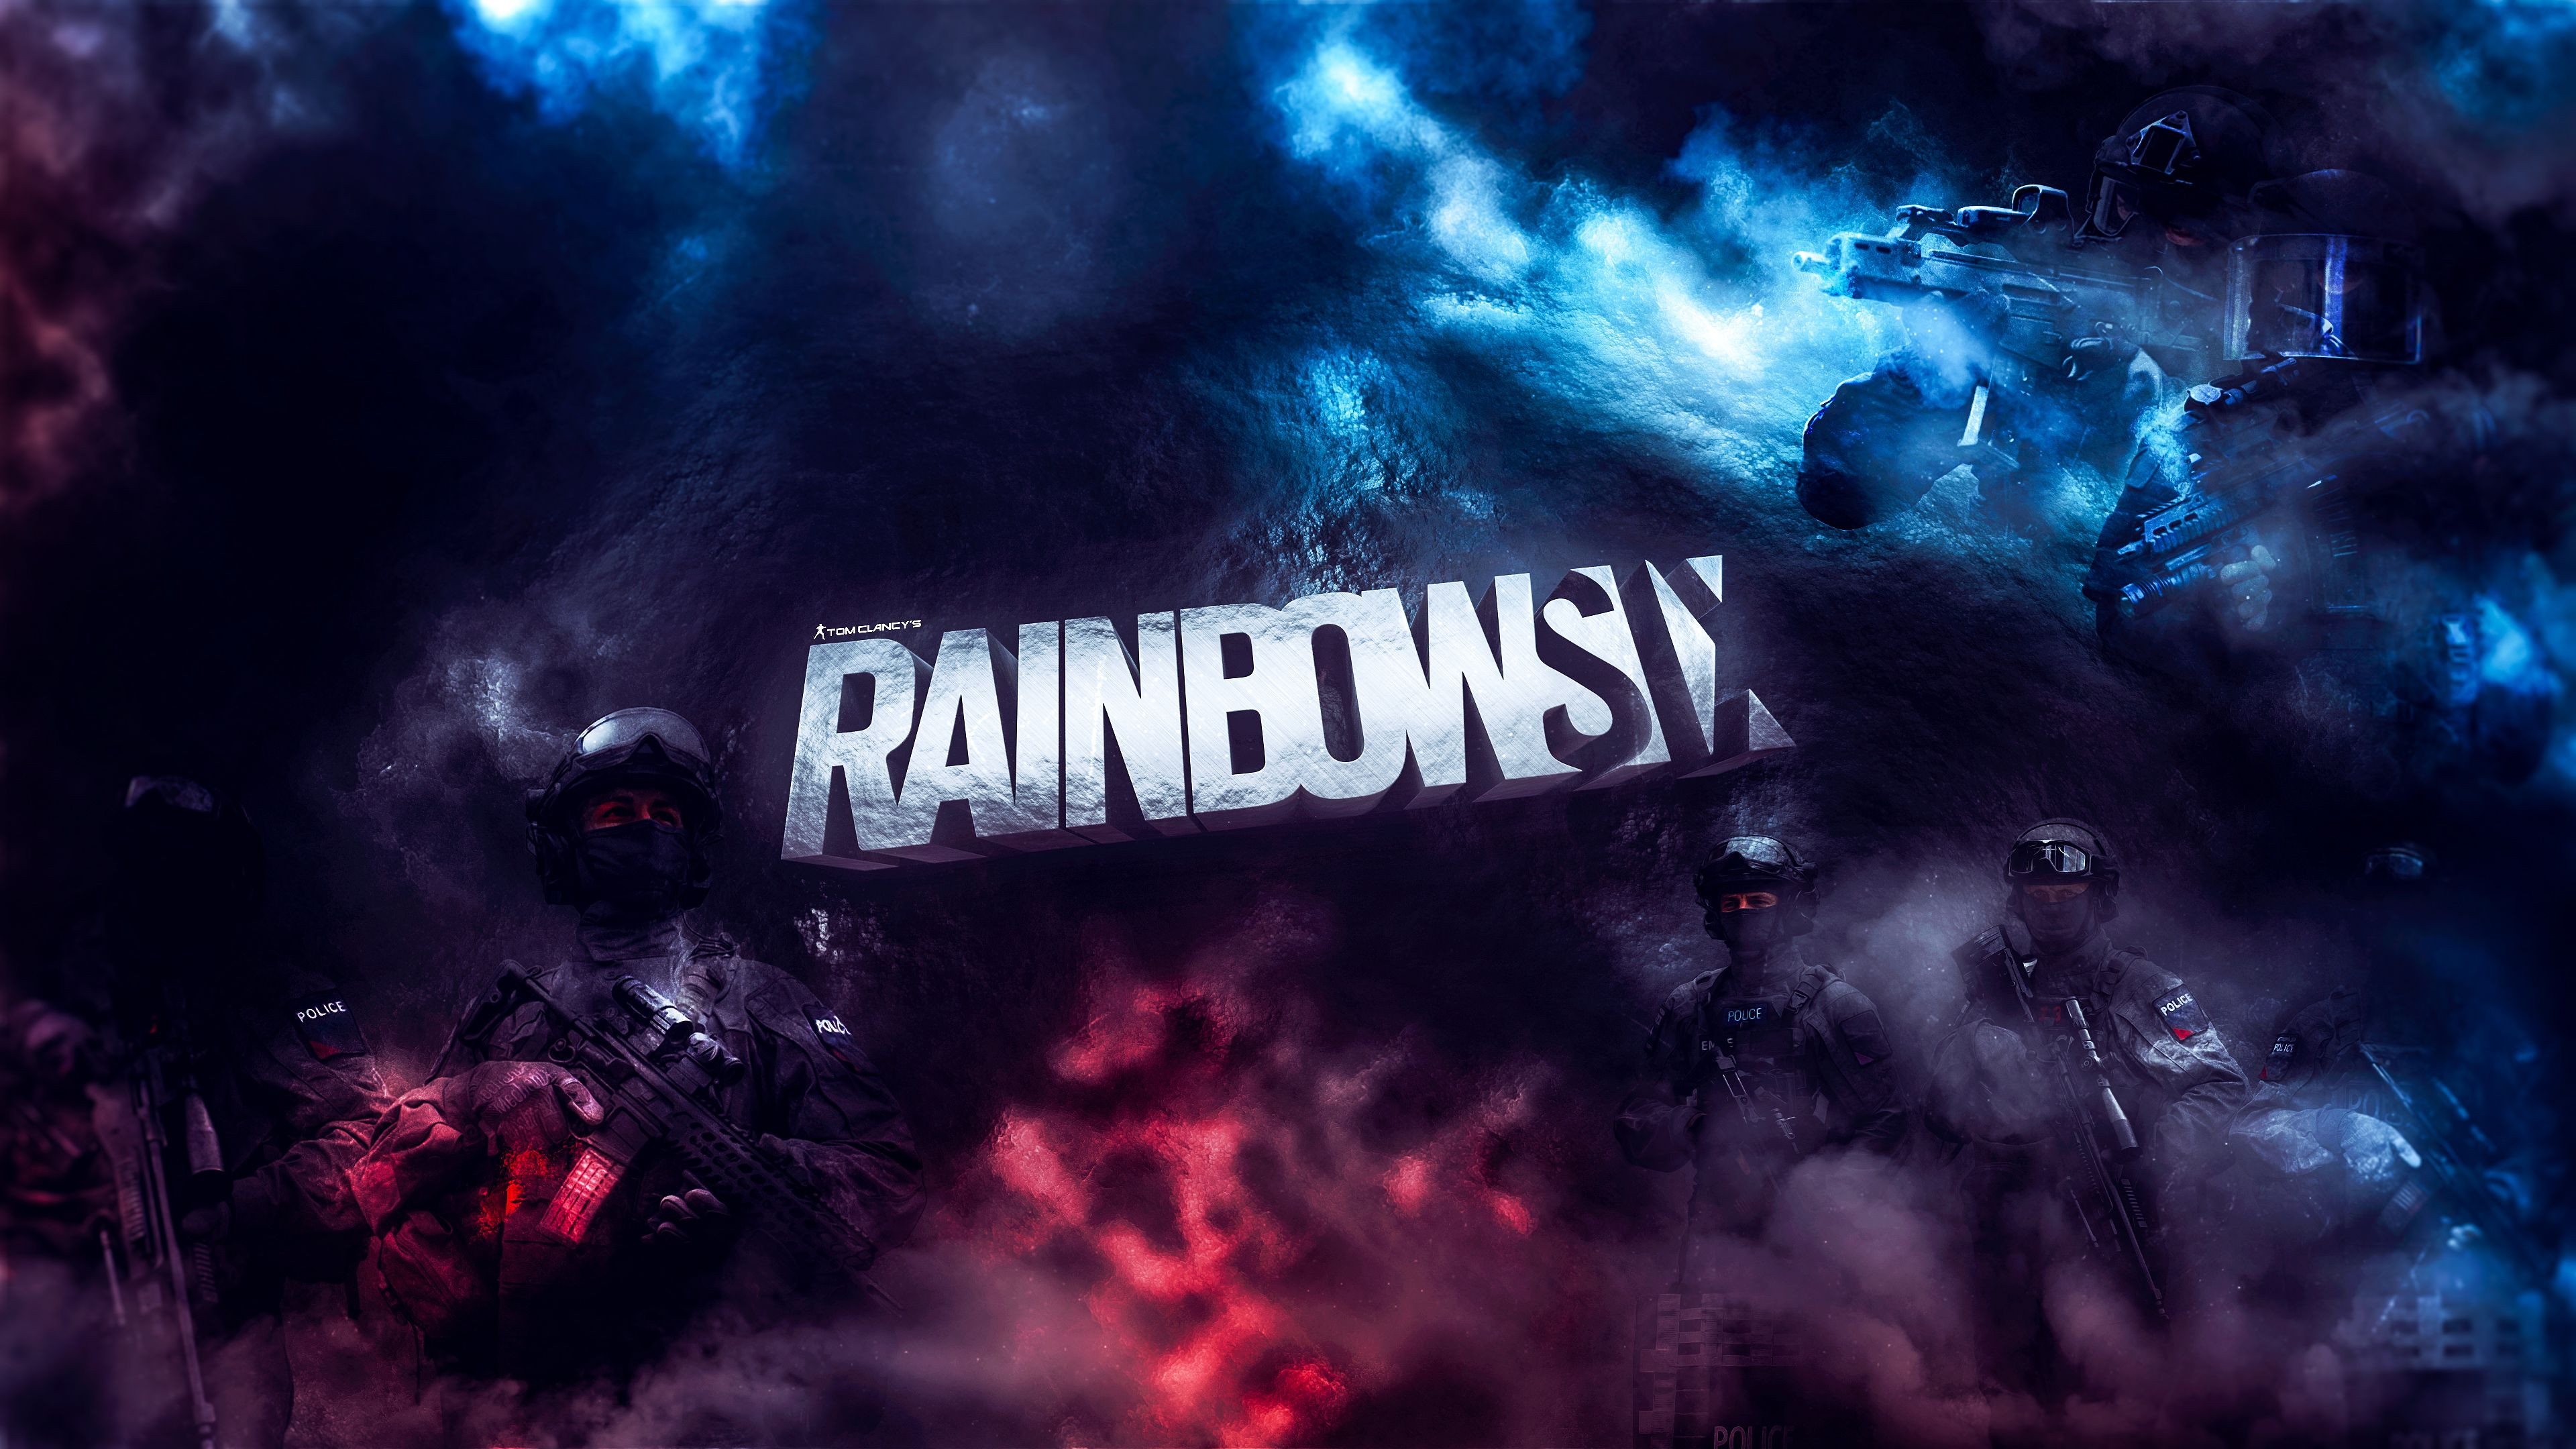 Rainbow Six Siege 4k Artwork xbox games wallpapers tom clancys 3840x2160